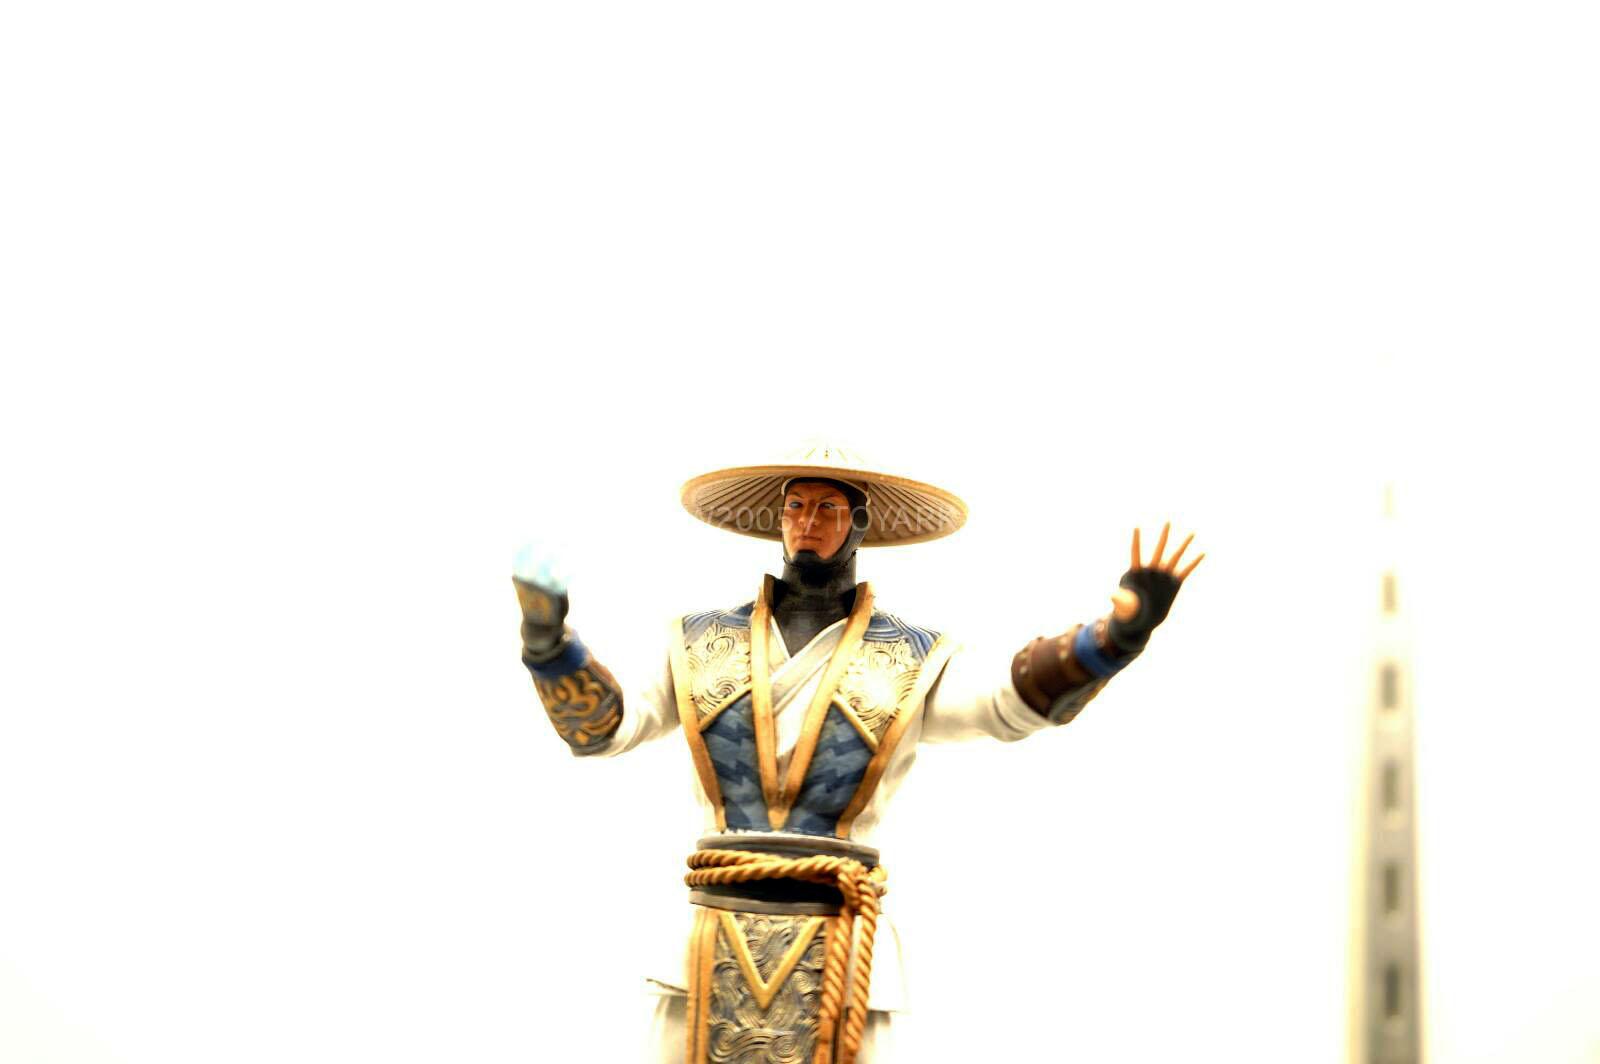 [NYCC 2014] MEZCO - 6-Inch Mortal Kombat X Figures NYCC-2014-Mezco-Mortal-Kombat-X-014